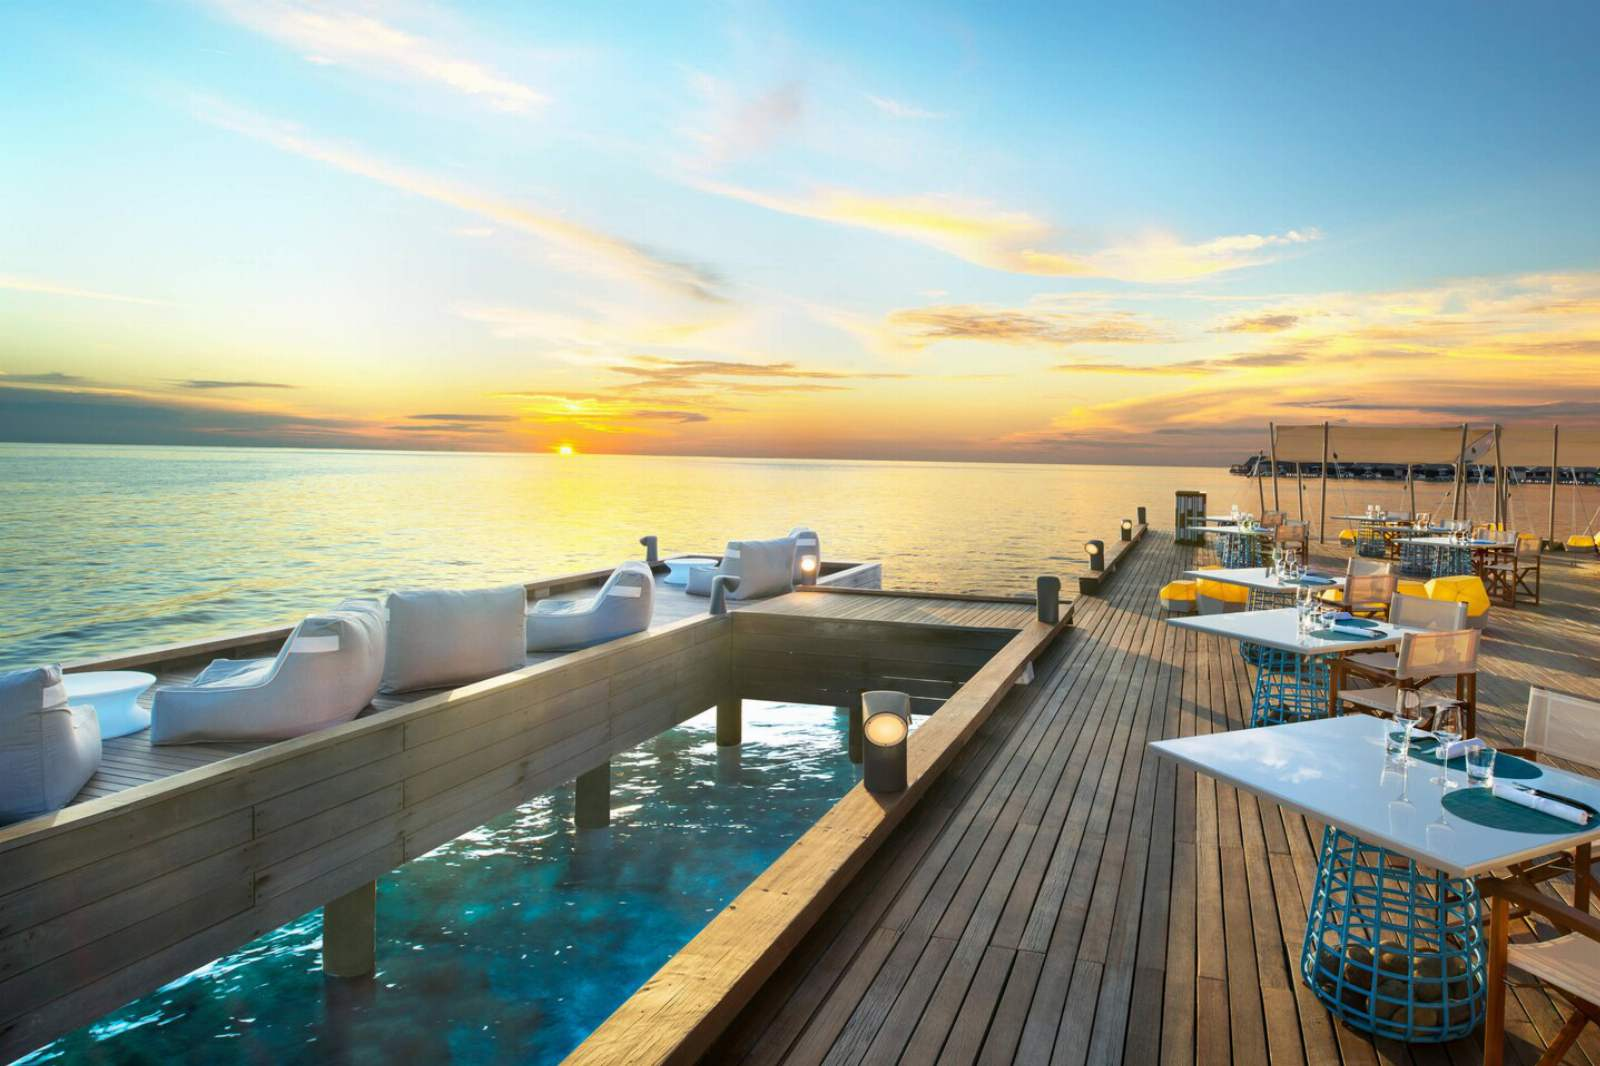 W Maldives - Fish Deck